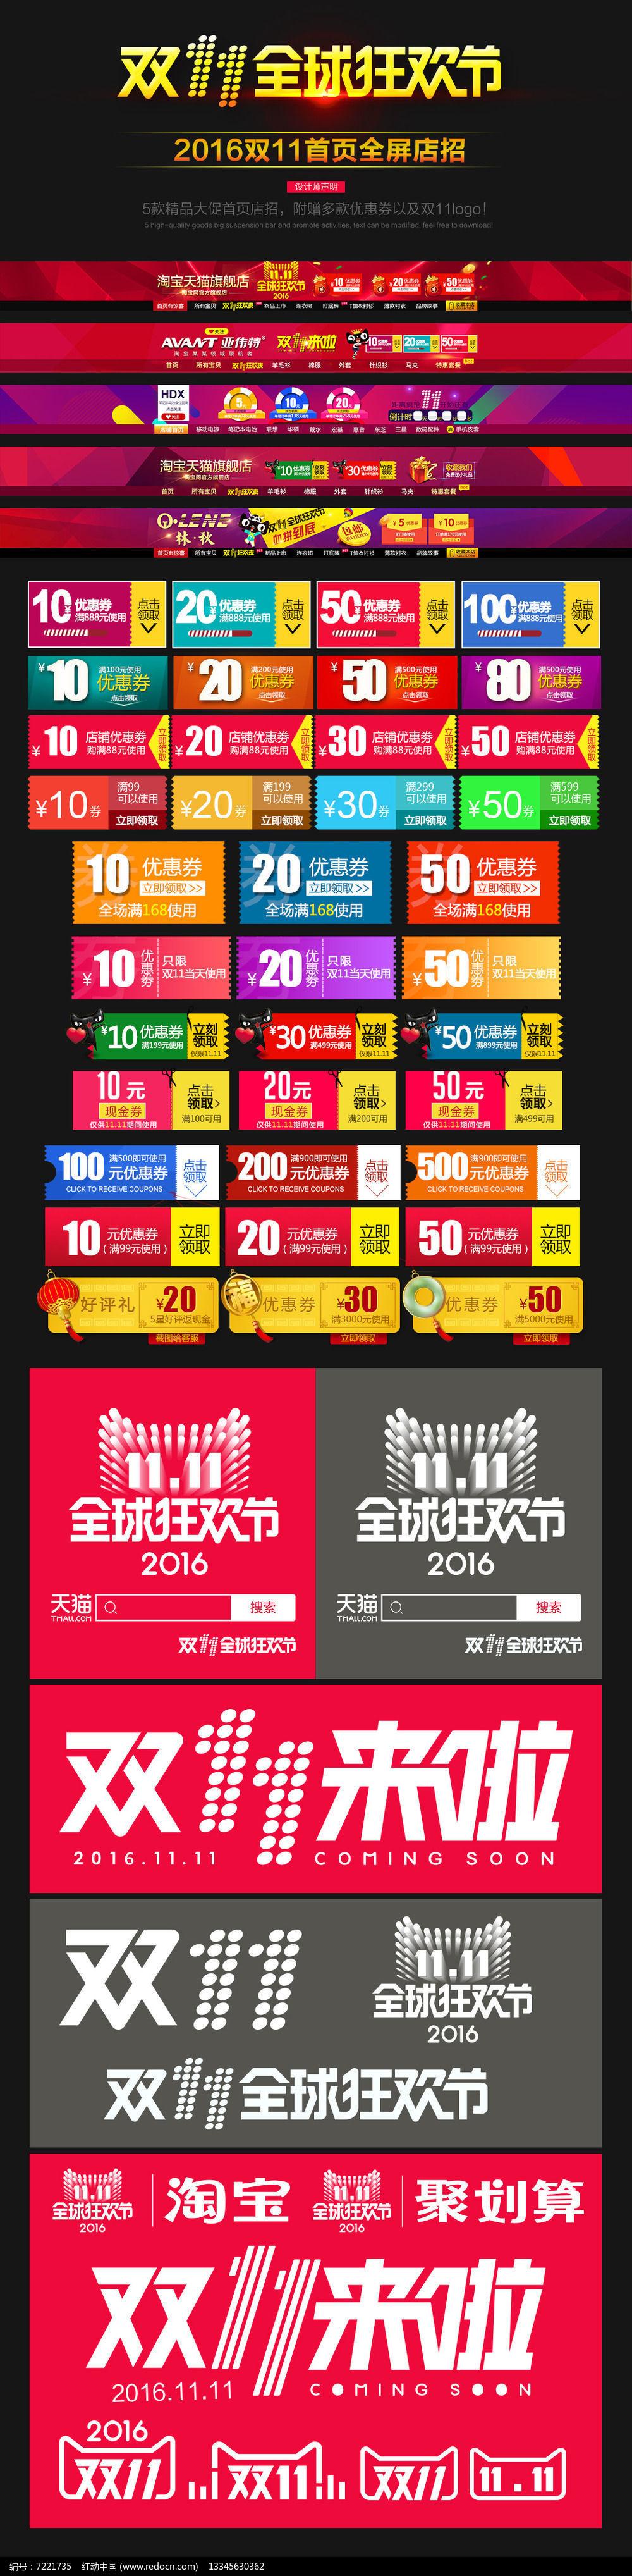 淘宝天猫双11双12店铺首页全屏店招图片